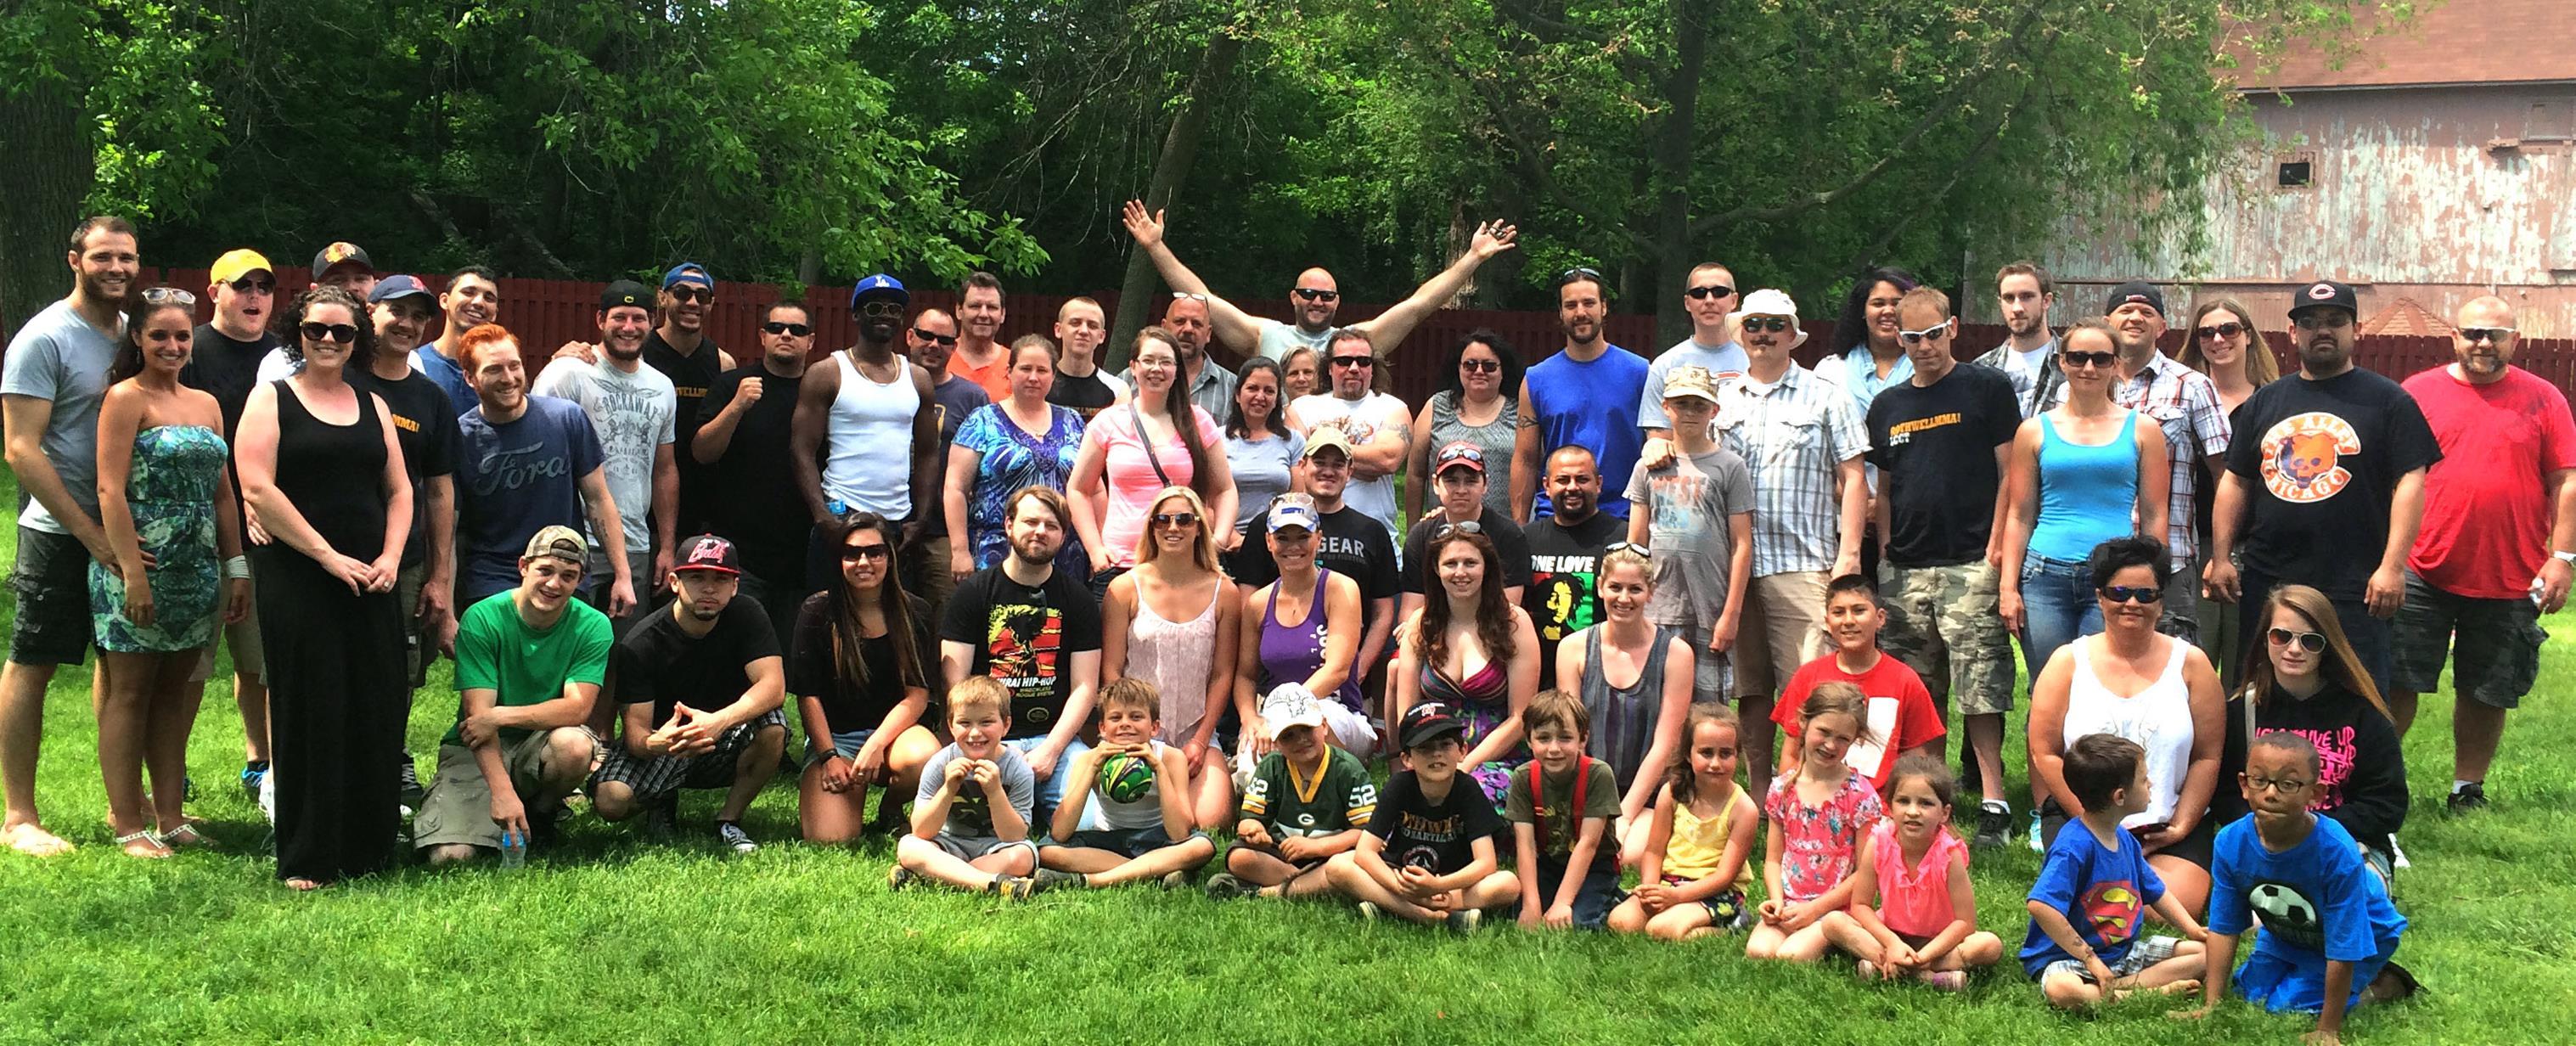 Picnic, Rothwell MMA Family